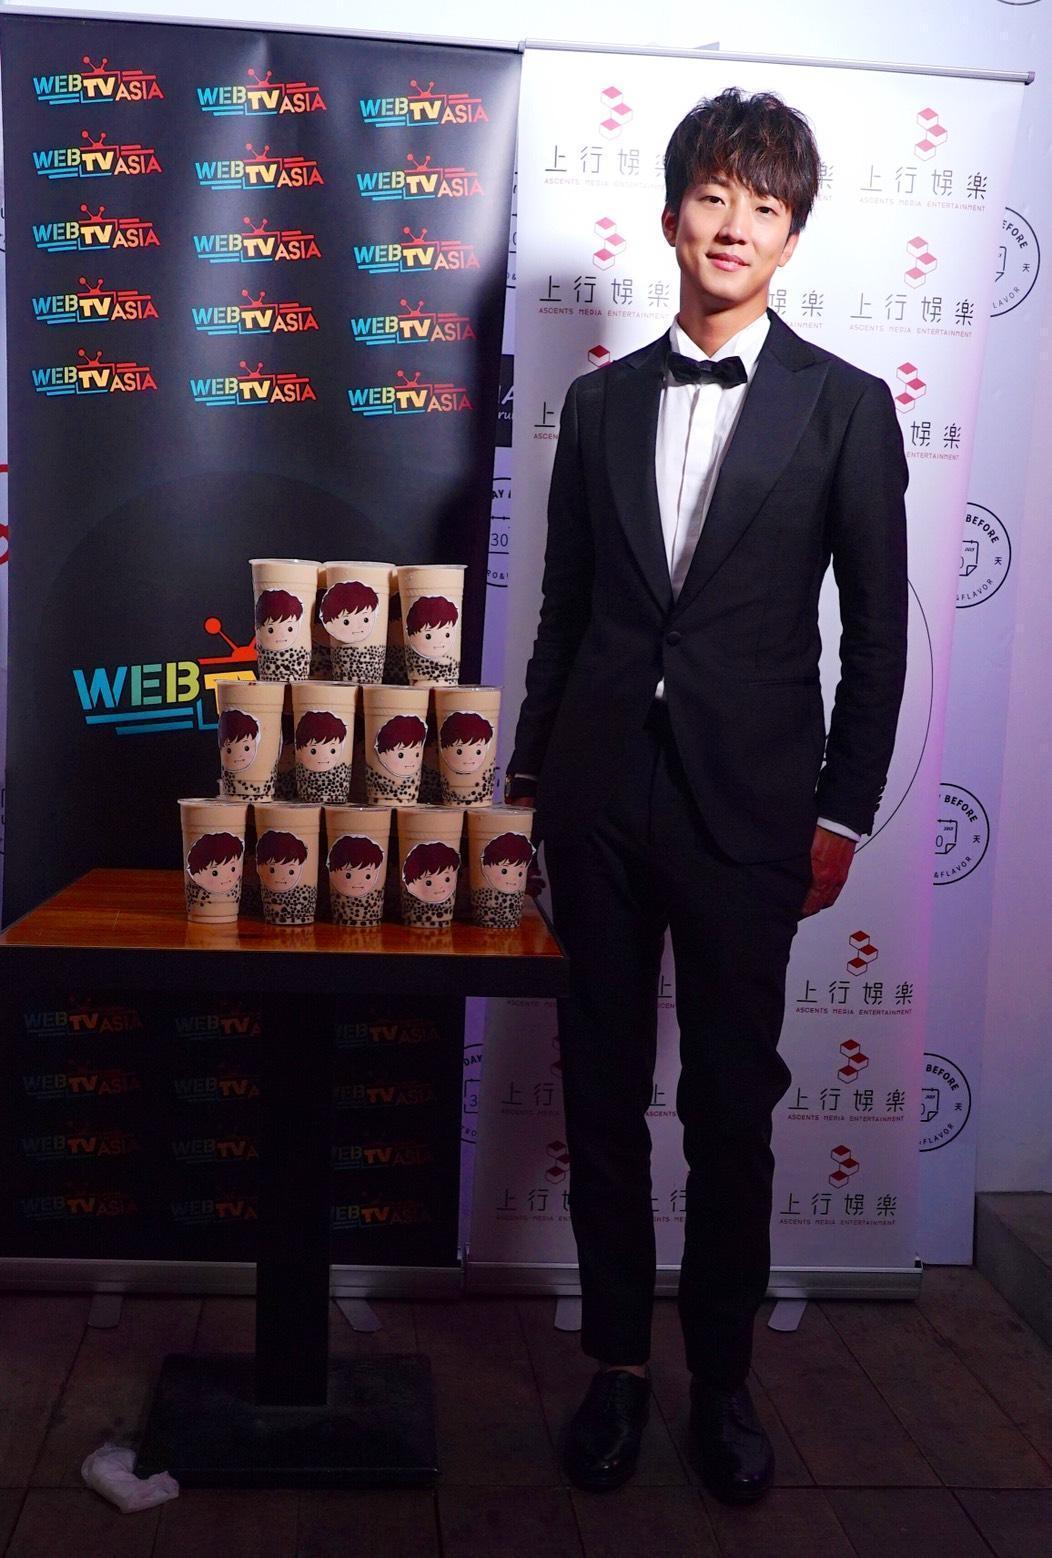 許書豪是本屆歌王入圍者中的新鮮面孔,雖沒得獎但知名度因此大開。(上行娛樂提供)